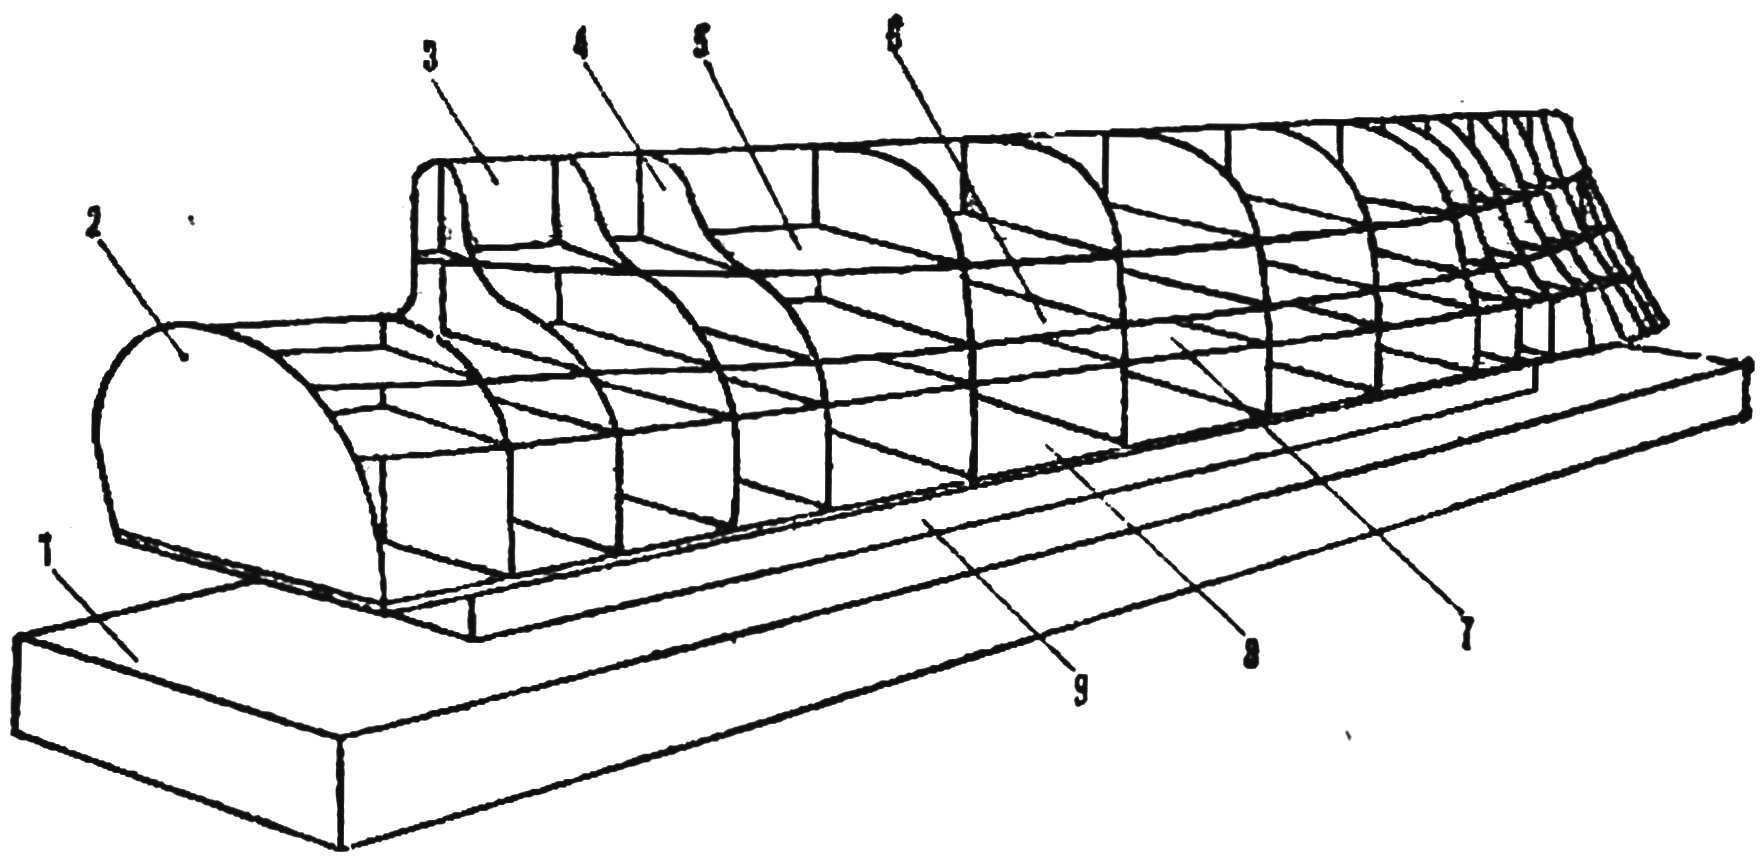 Рис. 3. Картонный набор на доске-стапеле